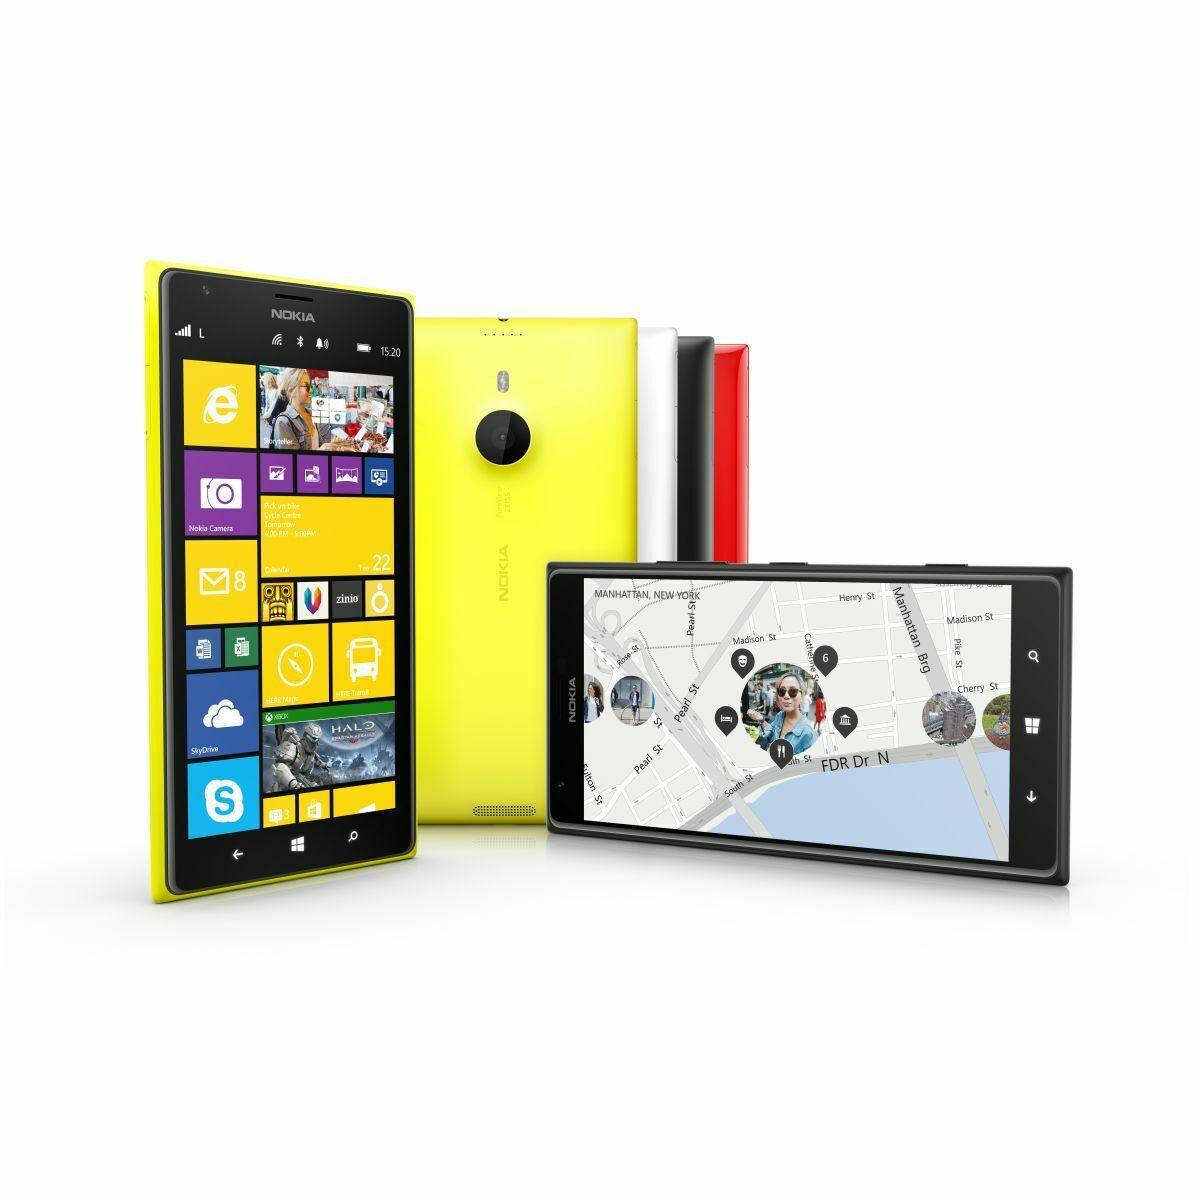 Thierry Armager, DG de Nokia France, présente les nouveautés Nokia sur BFM TV